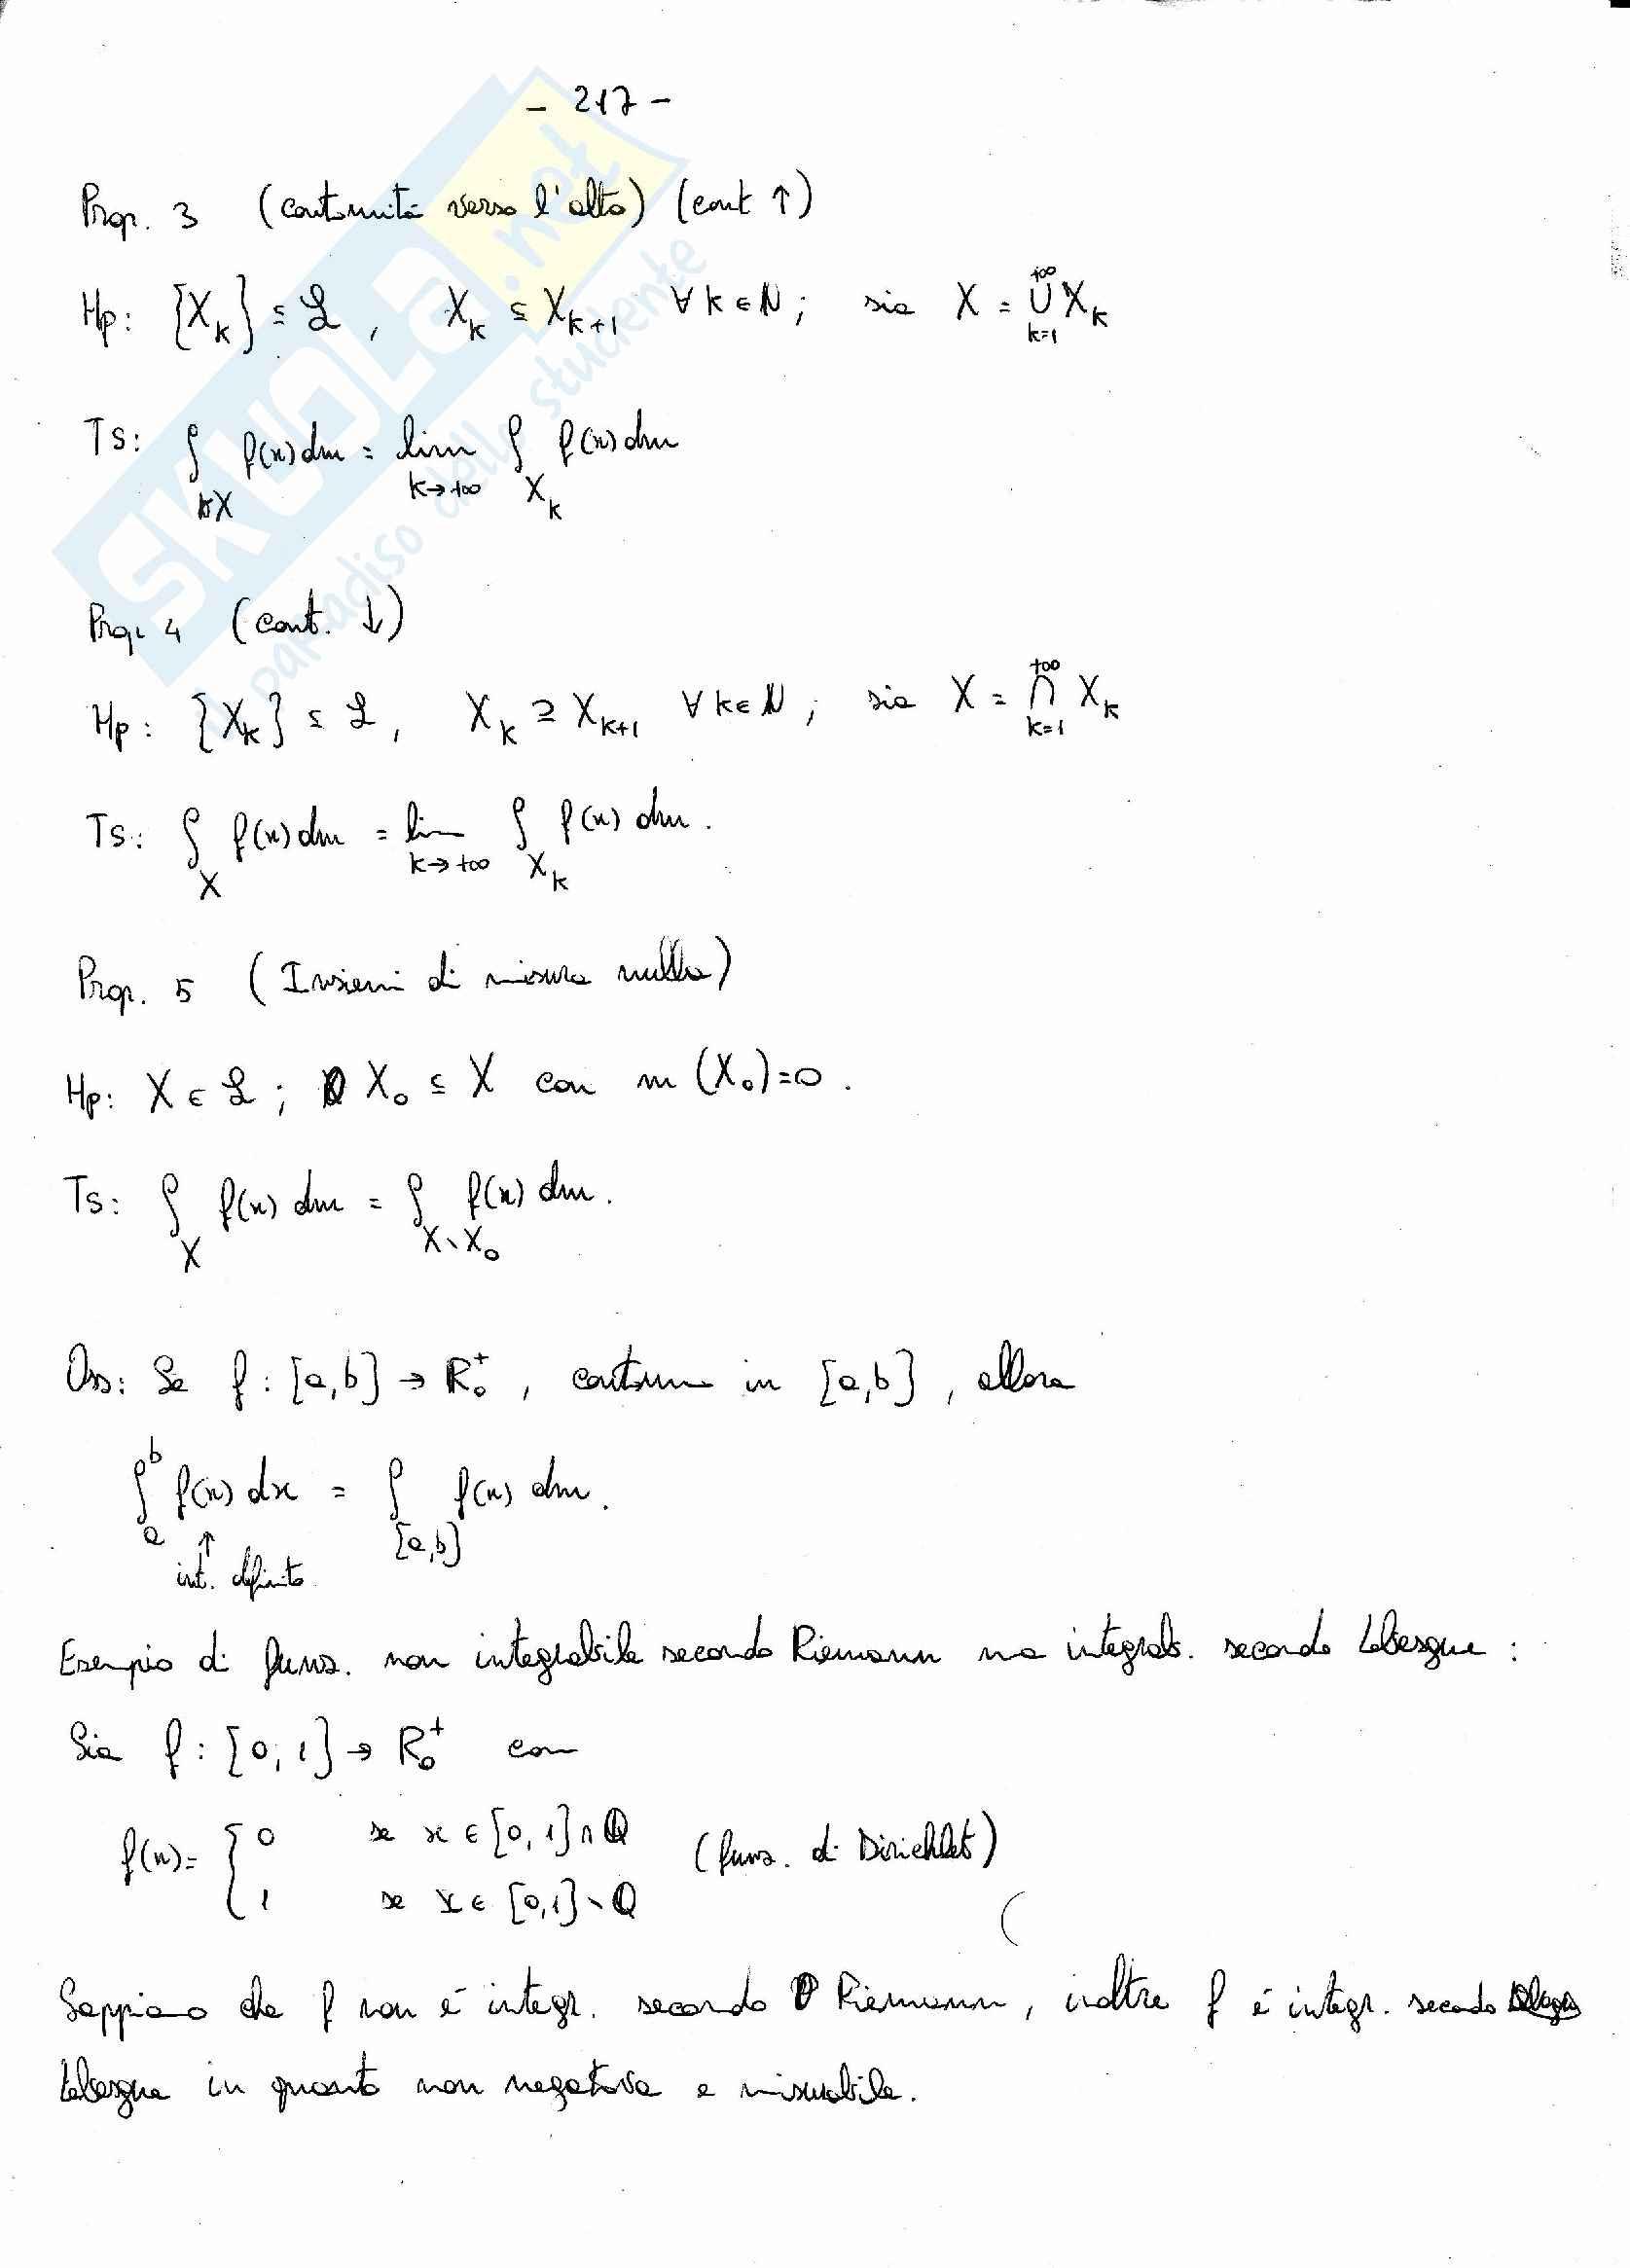 Analisi matematica 2 - l'integrale di Lebesgue per le funzioni di segno qualsiasi